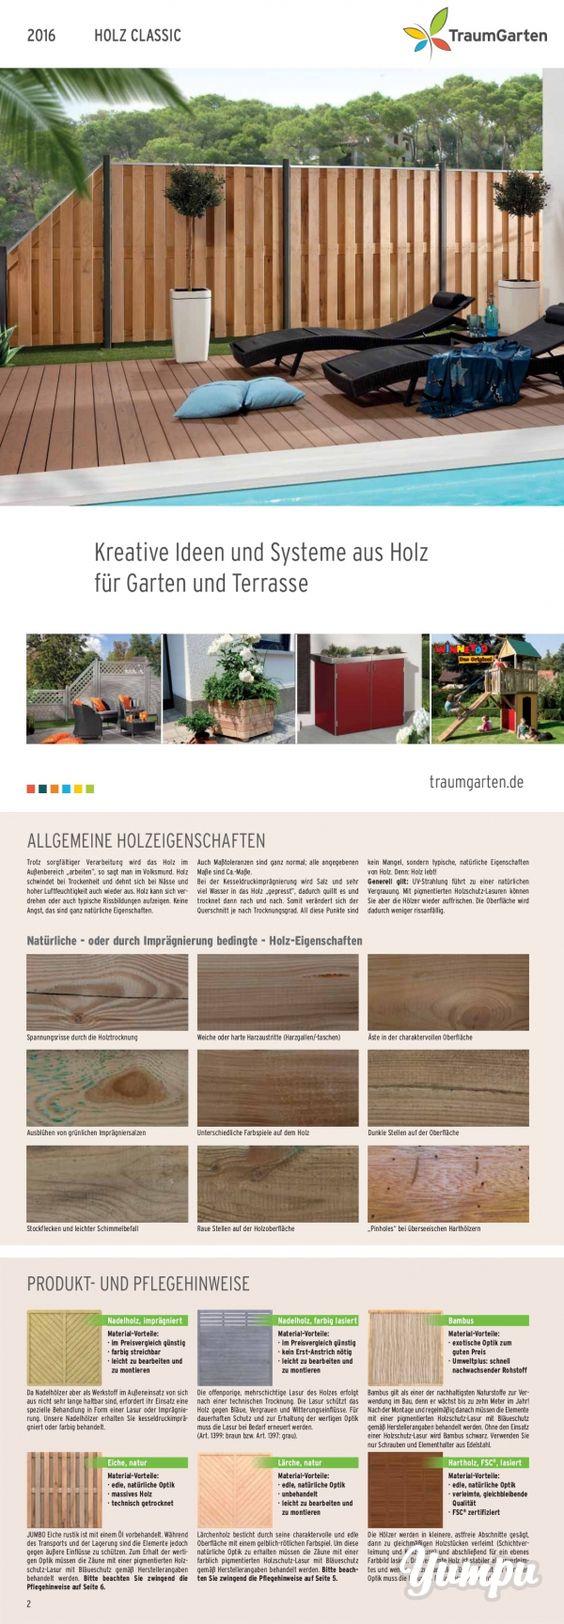 Sichtschutz Kunststoff Tur : Sichtschutz Pflanzen In Kubeln  Traumgarten Holz Classic Sichtschutz